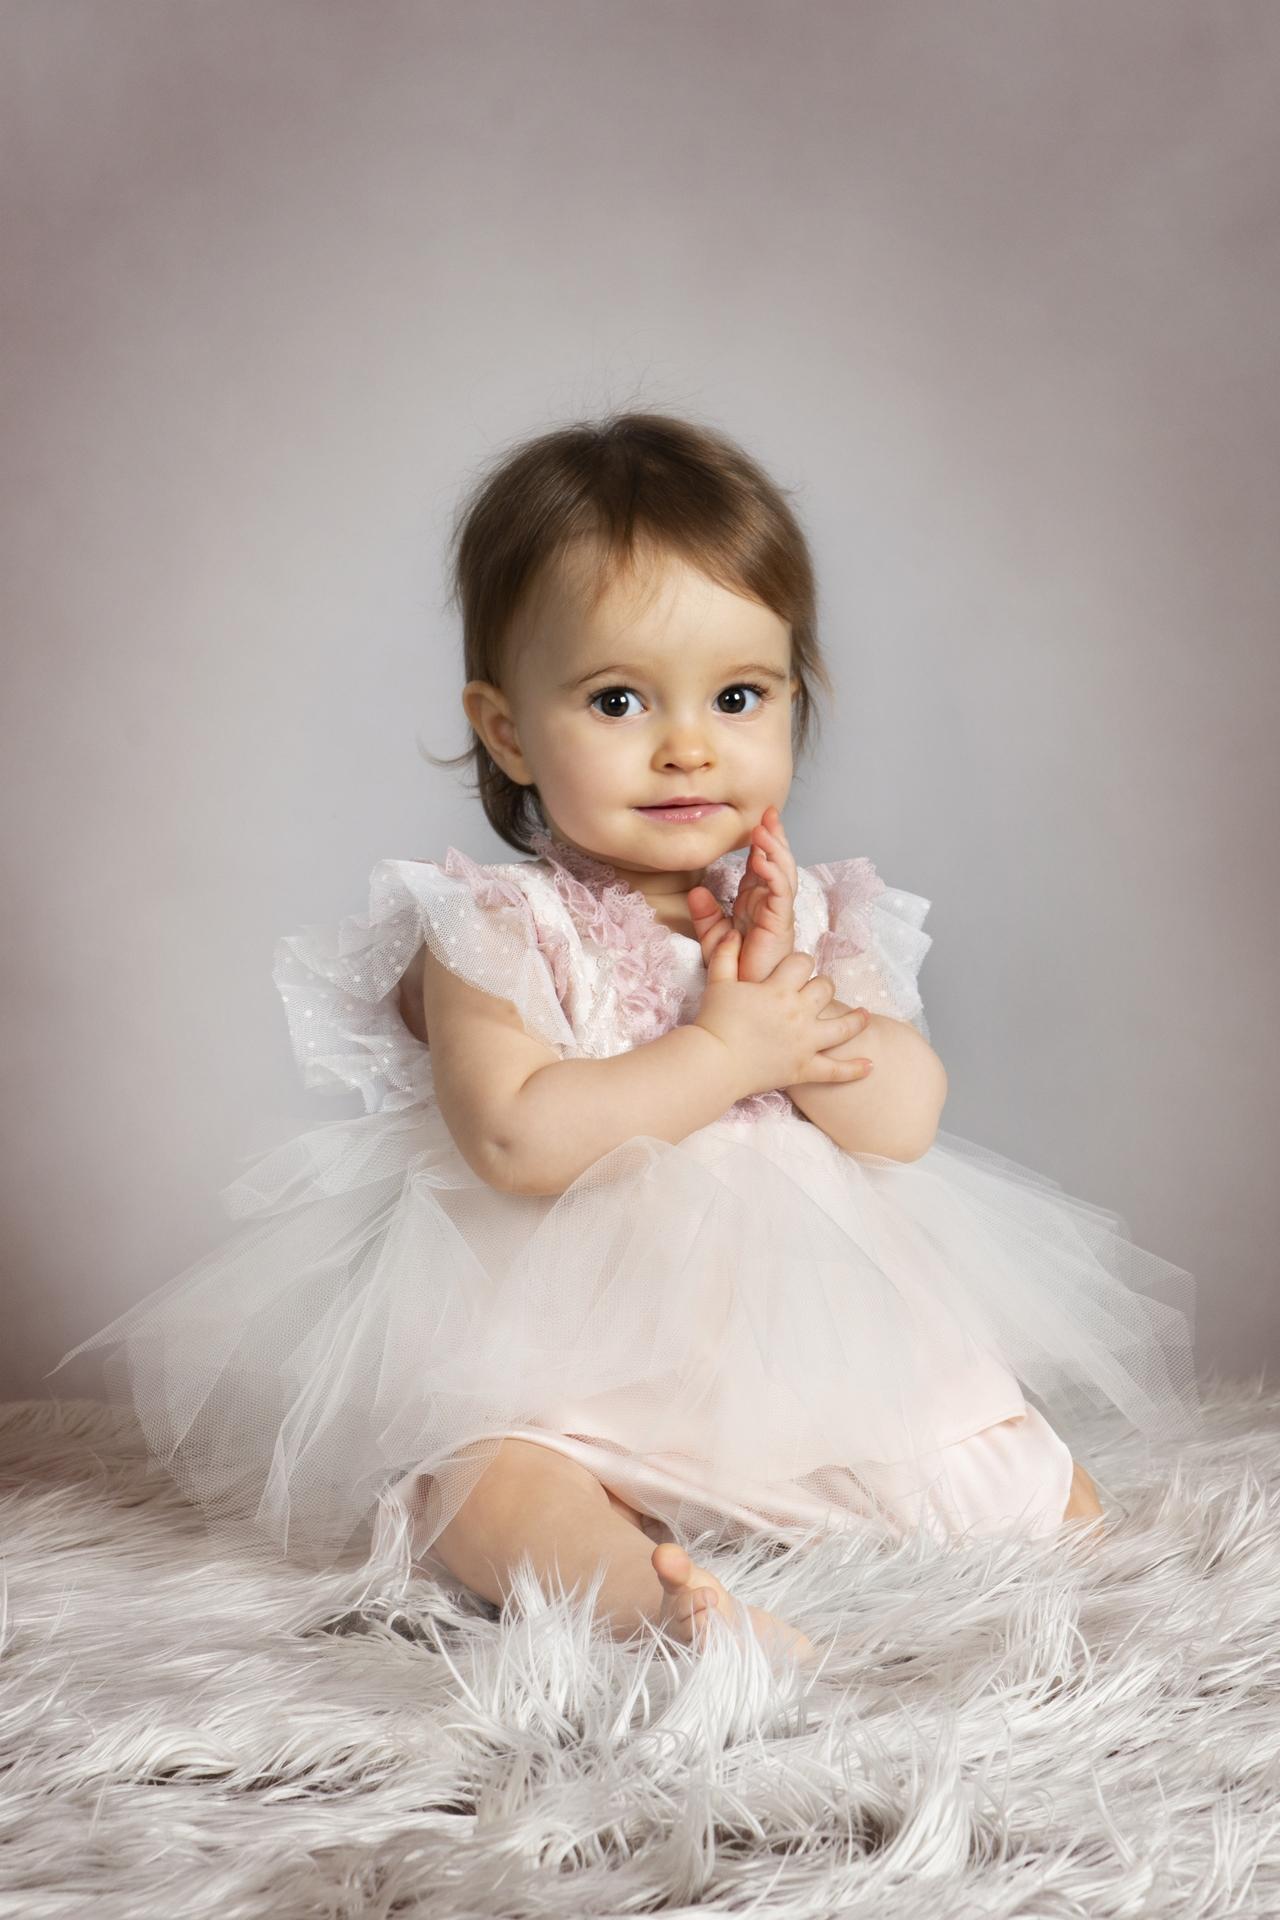 Photographe-ollioules-portraitiste-de-france-famille-enfant-bébé-mariage-toulon-var